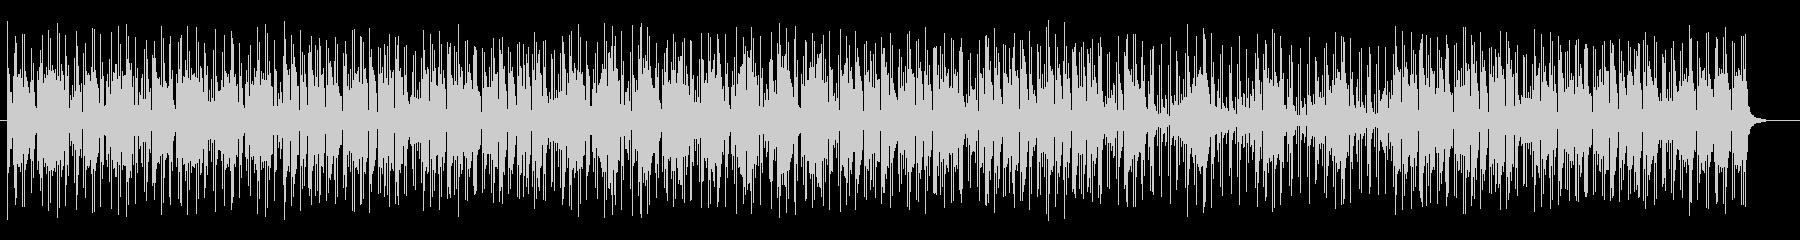 リズミカルで楽しく聴けるポップスの未再生の波形